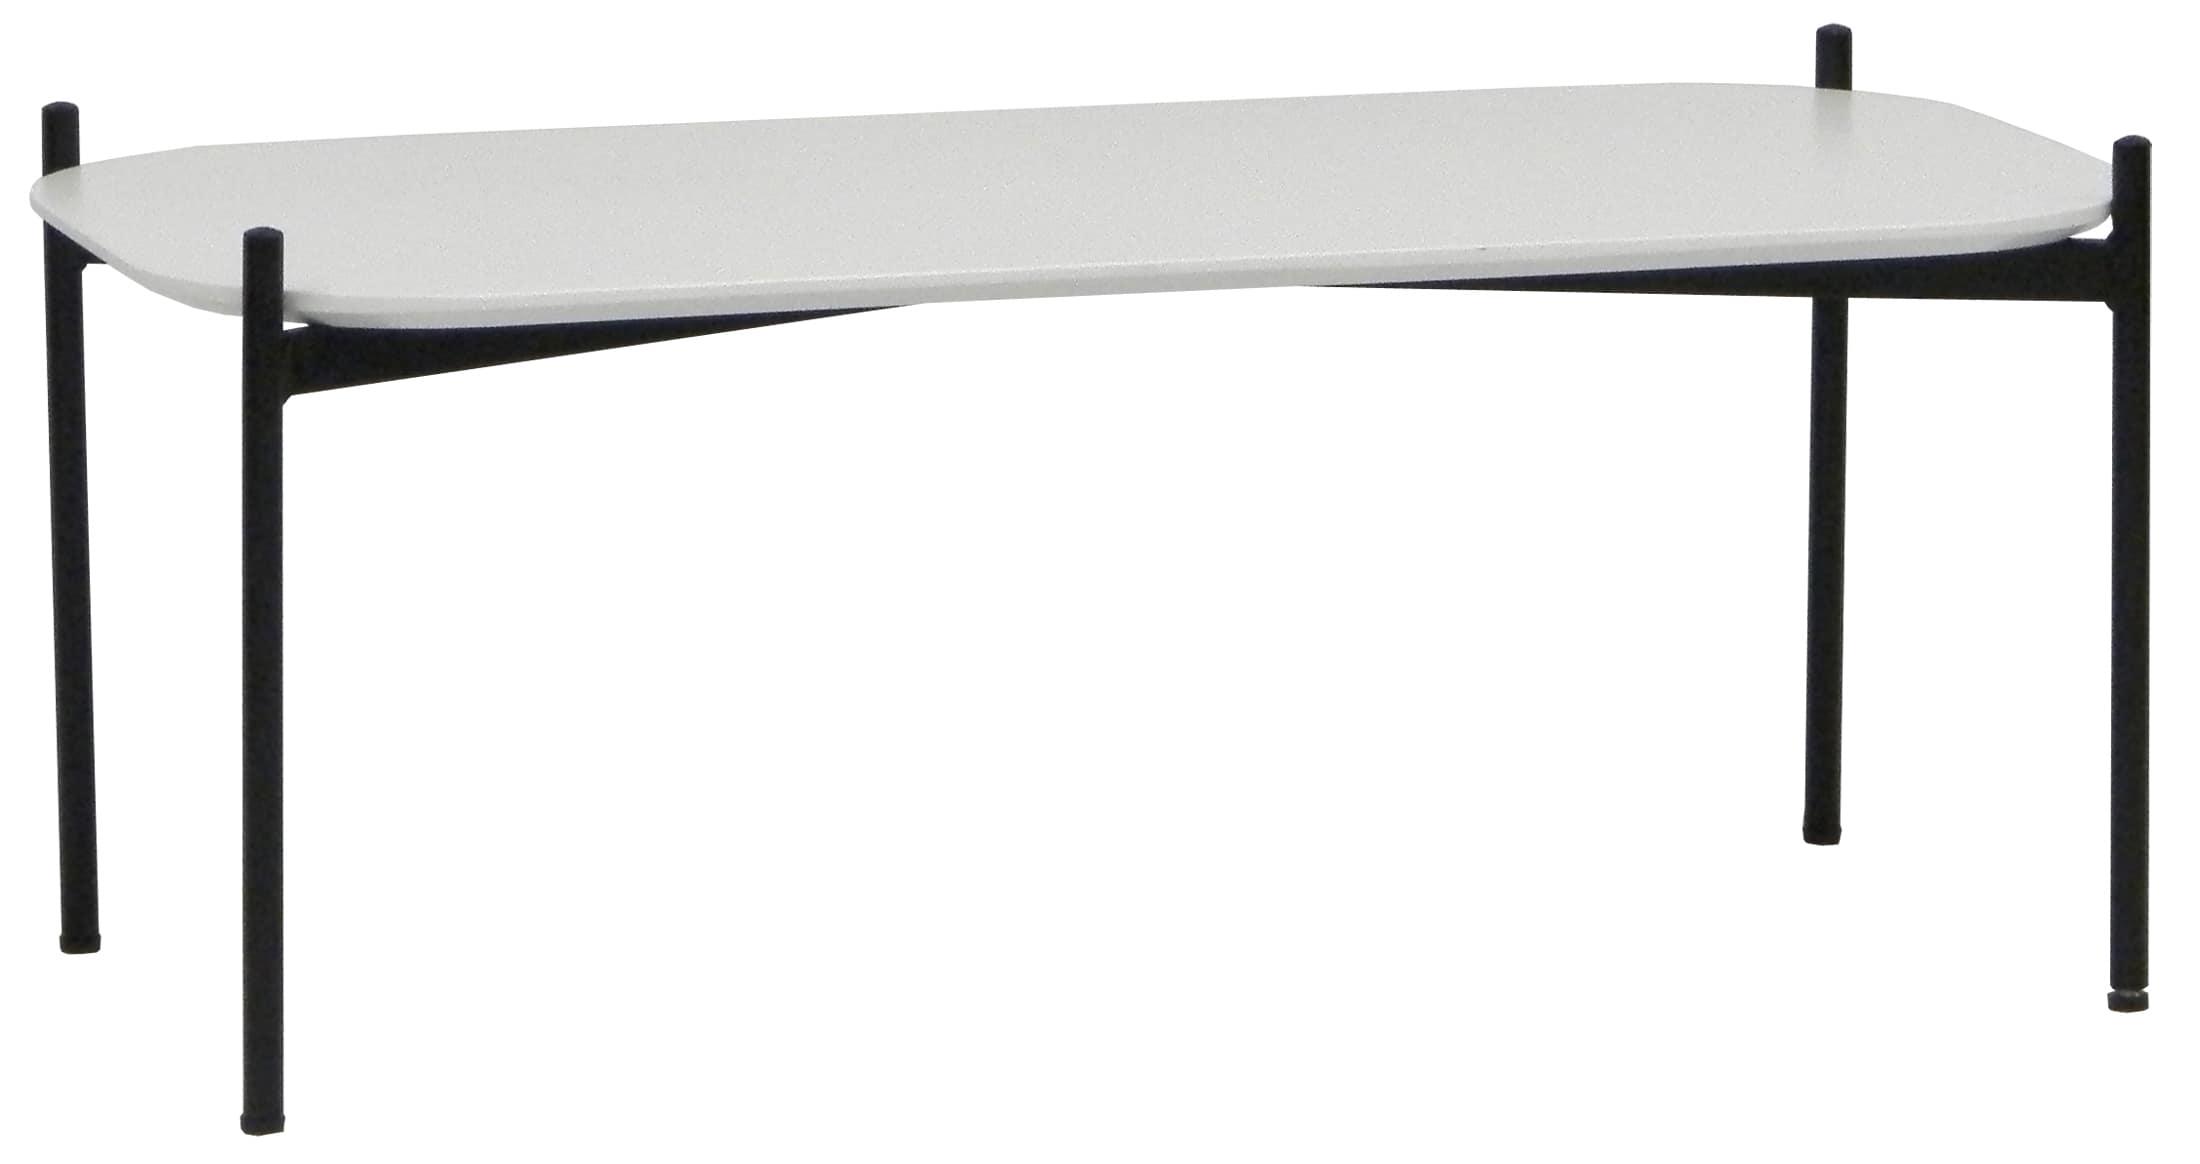 リビングテーブル パンナ 100CT:リビングテーブル